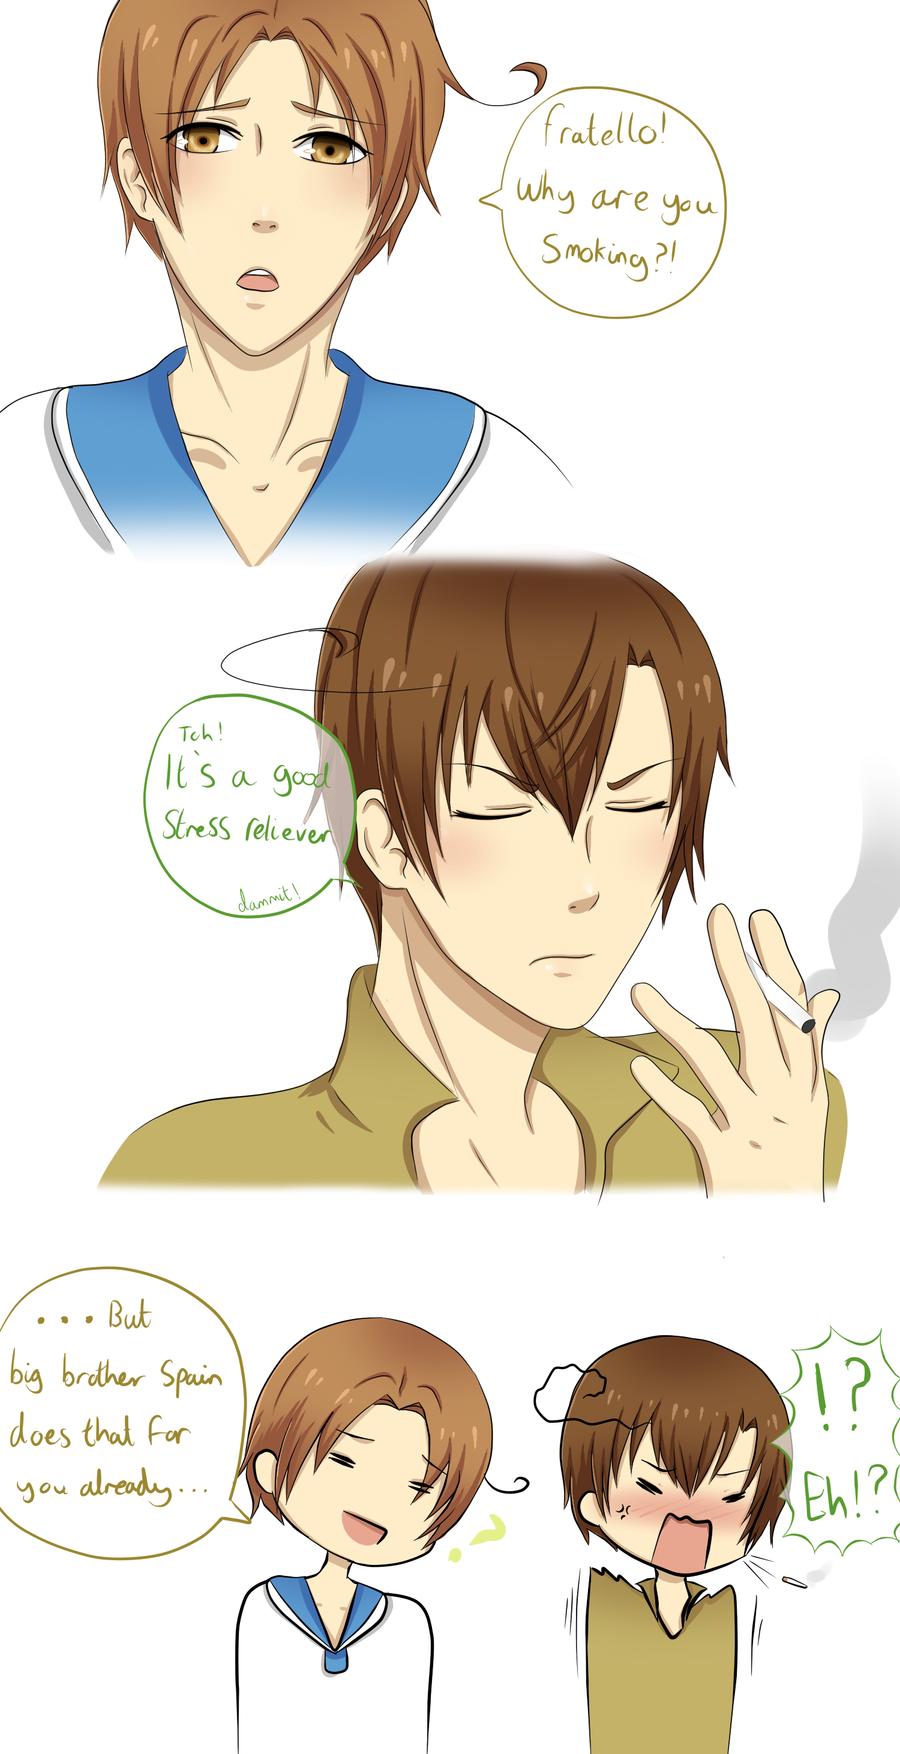 Stress reliever by YamiSonozaki